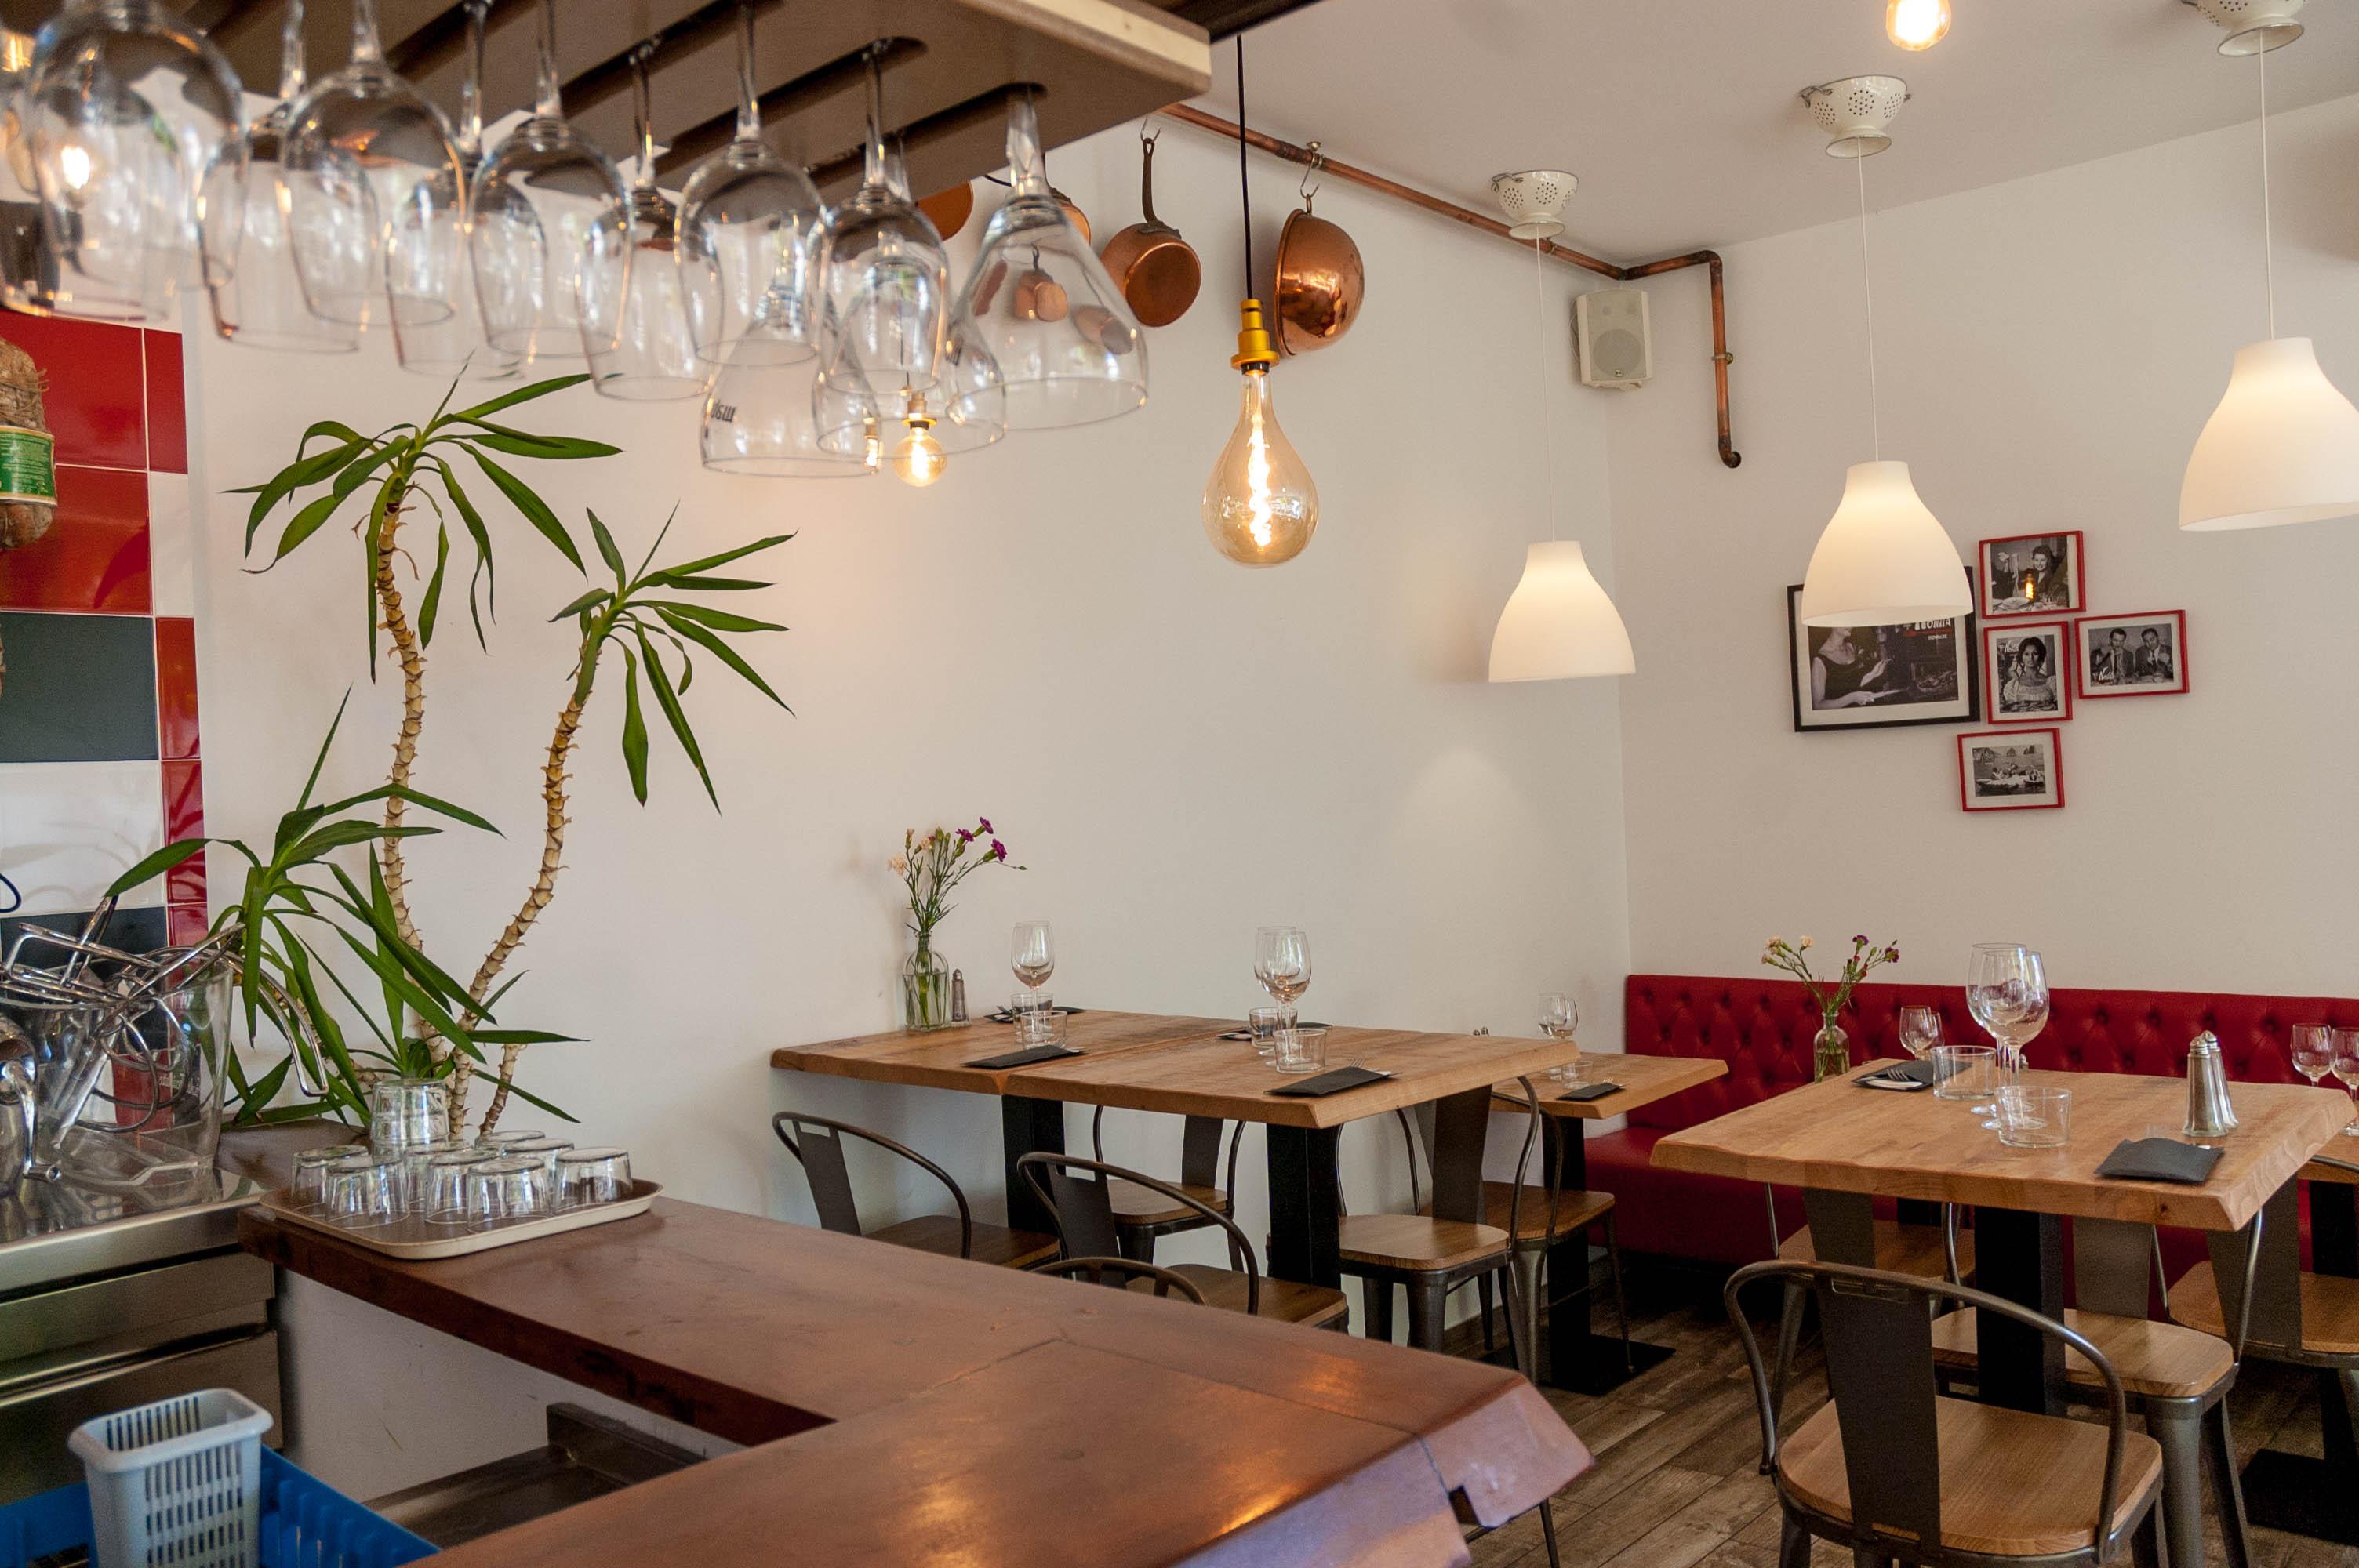 Restaurant Hendaye - Trattoria della Nonna